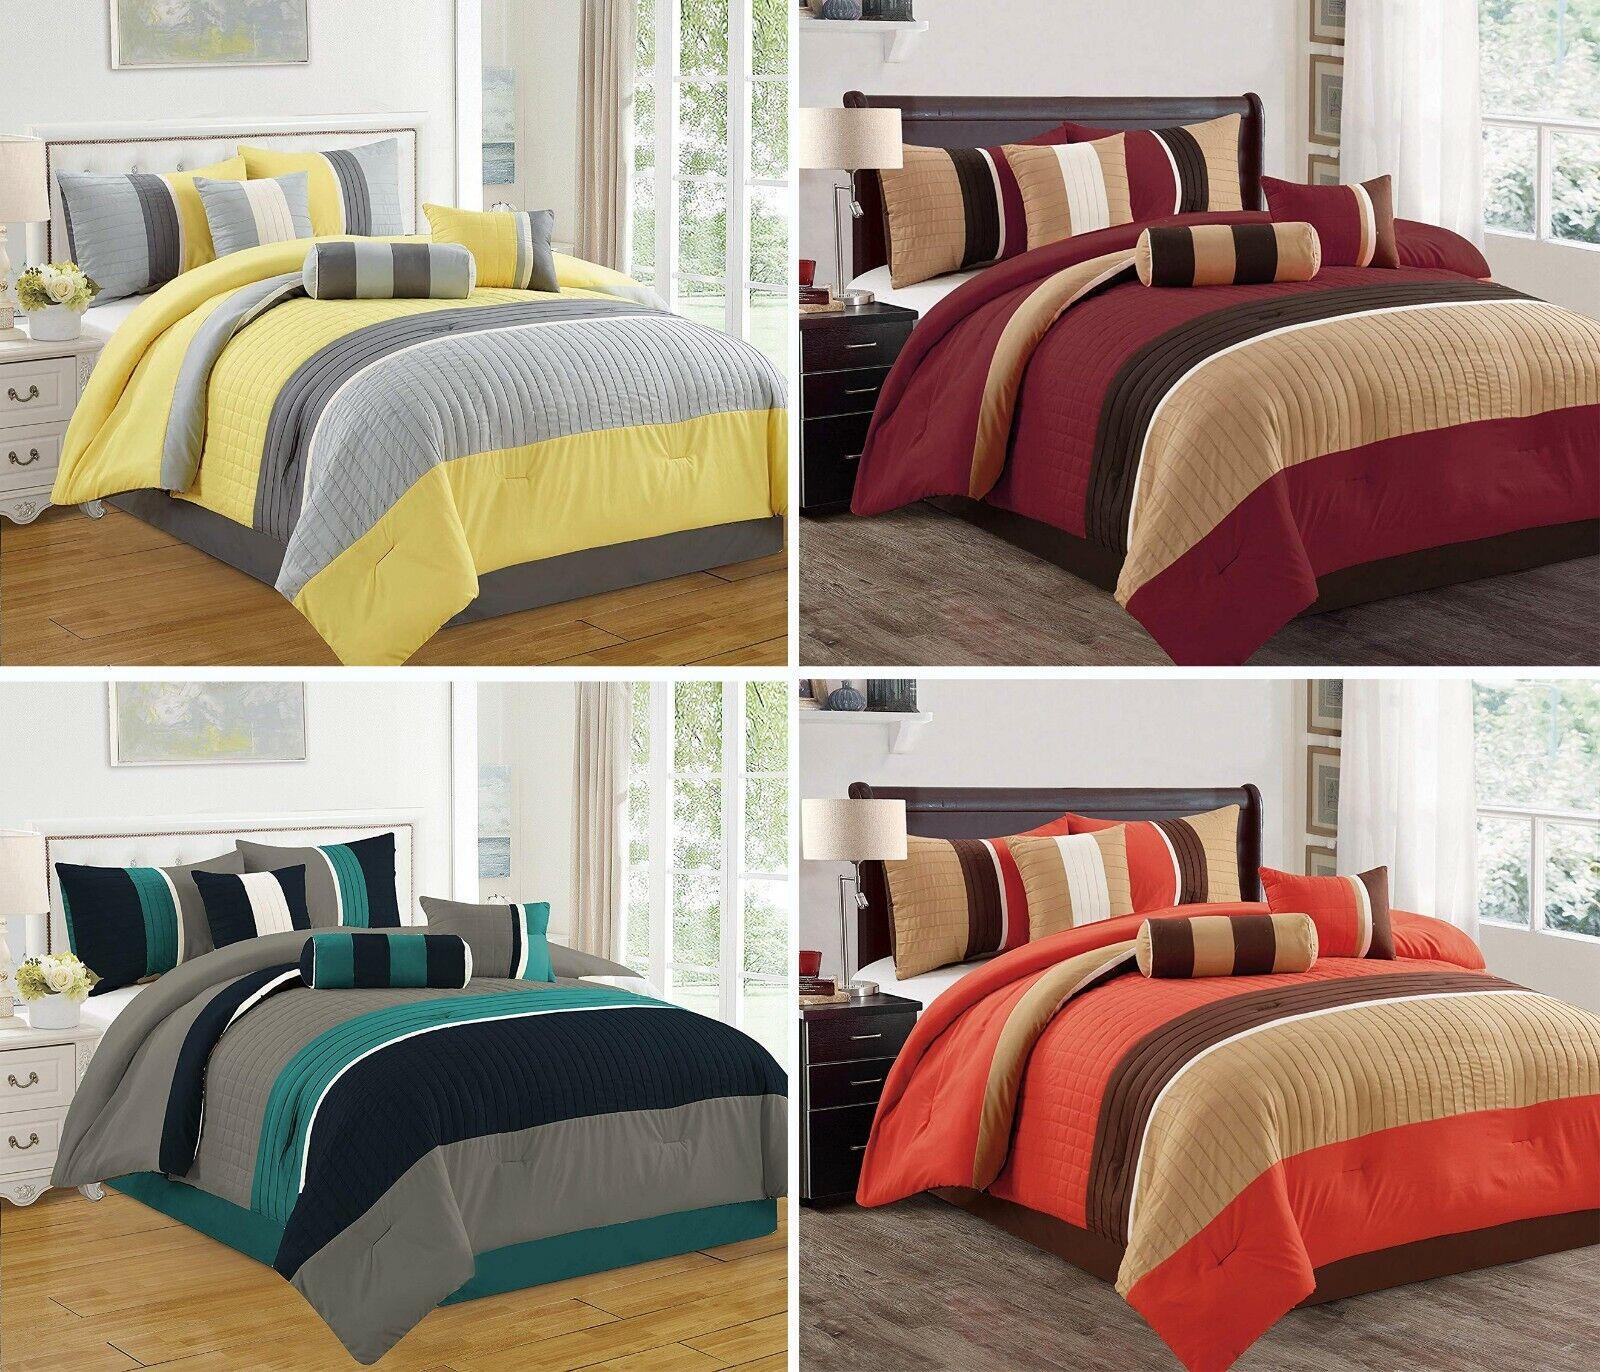 7 Piece Bed in Bag Microfiber Luxury Comforter Set (California King King Queen)